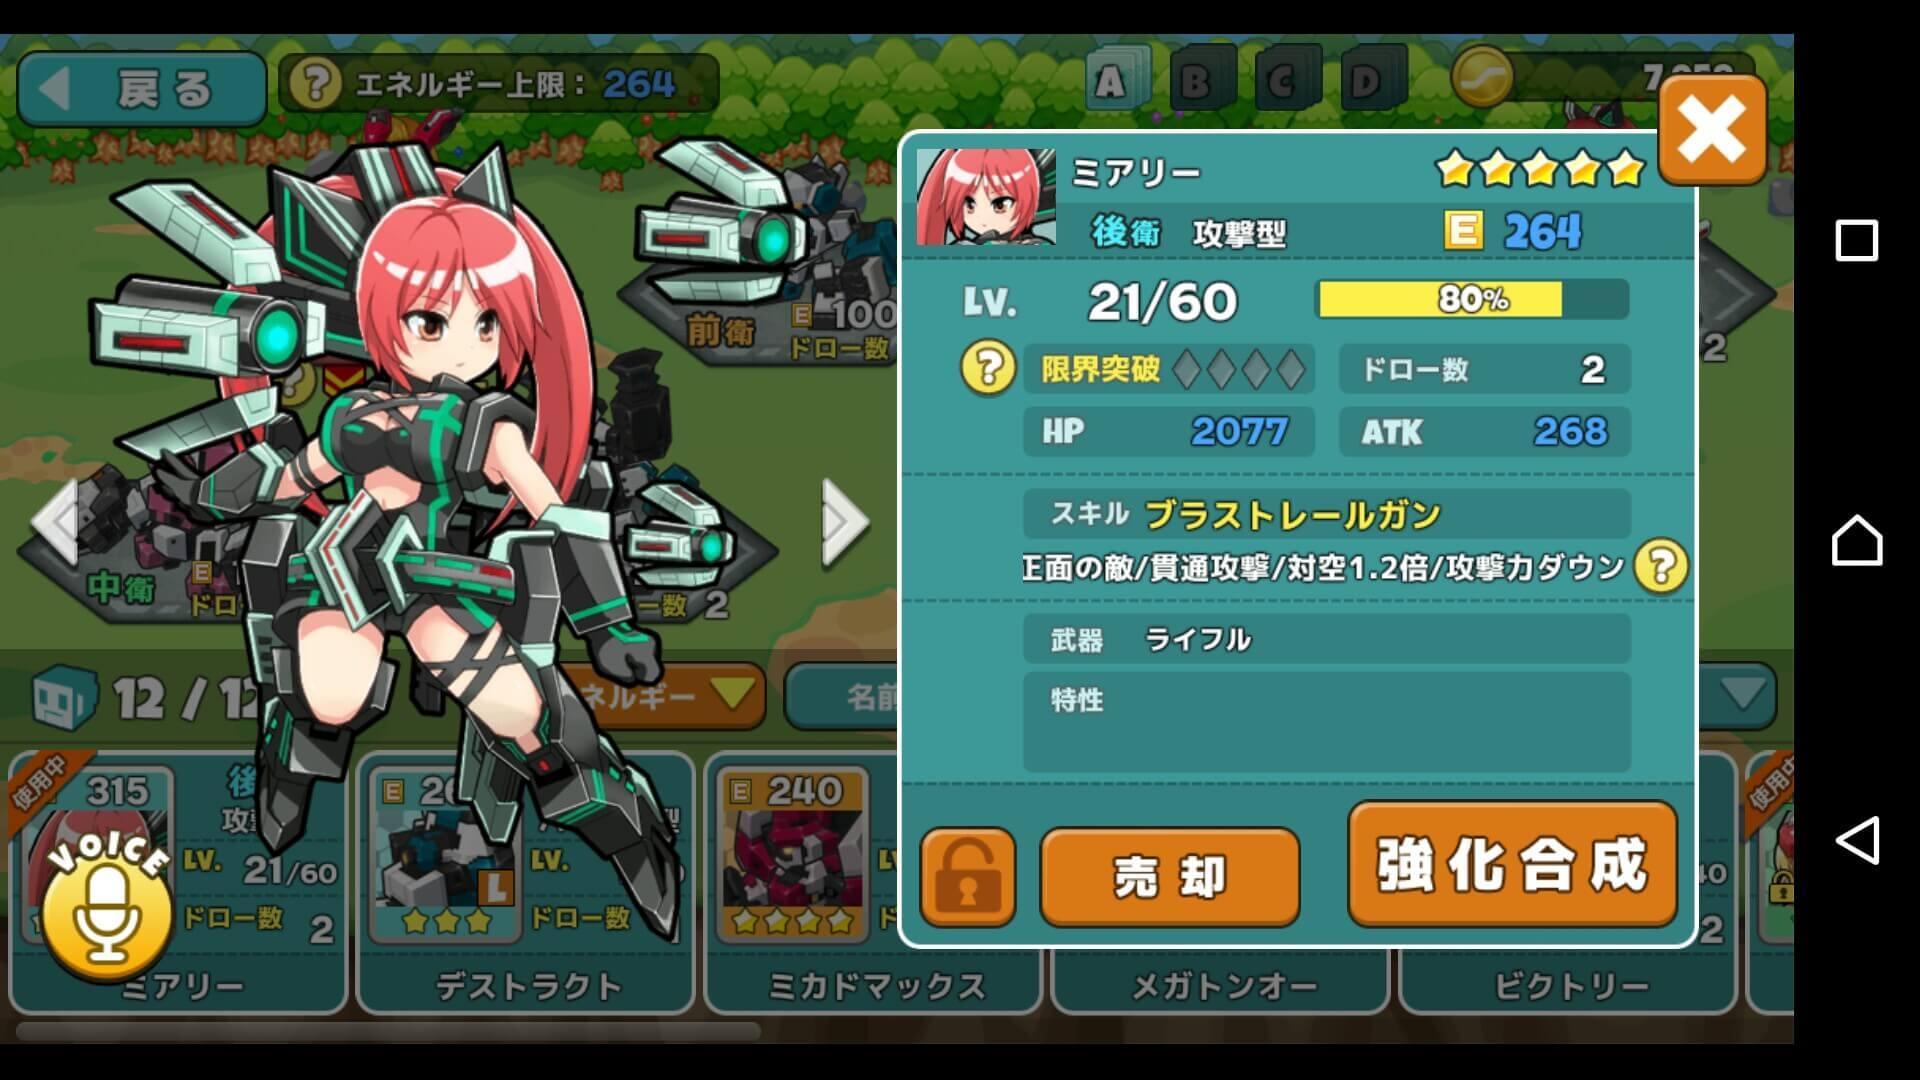 コズミックブレイク ソラの戦団5 ミアリーステータス画面